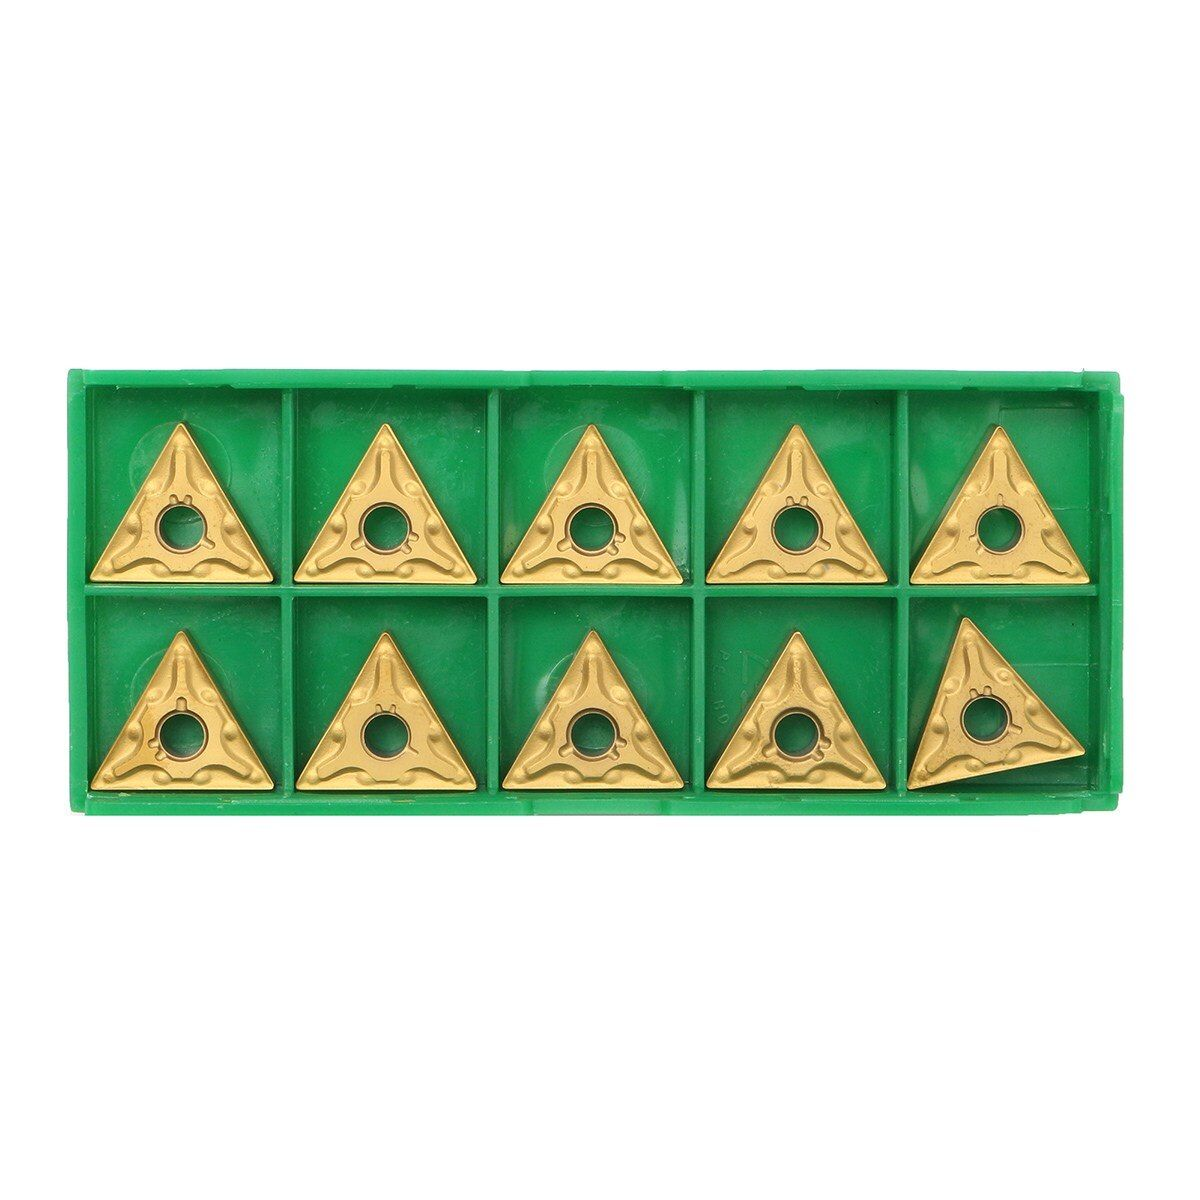 10 stücke TNMG160404 Hartmetalleinsatz Drehwerkzeuge Hartmetall-drehwendeplatten Cnc-drehwerkzeuge Externe Drehwerkzeug